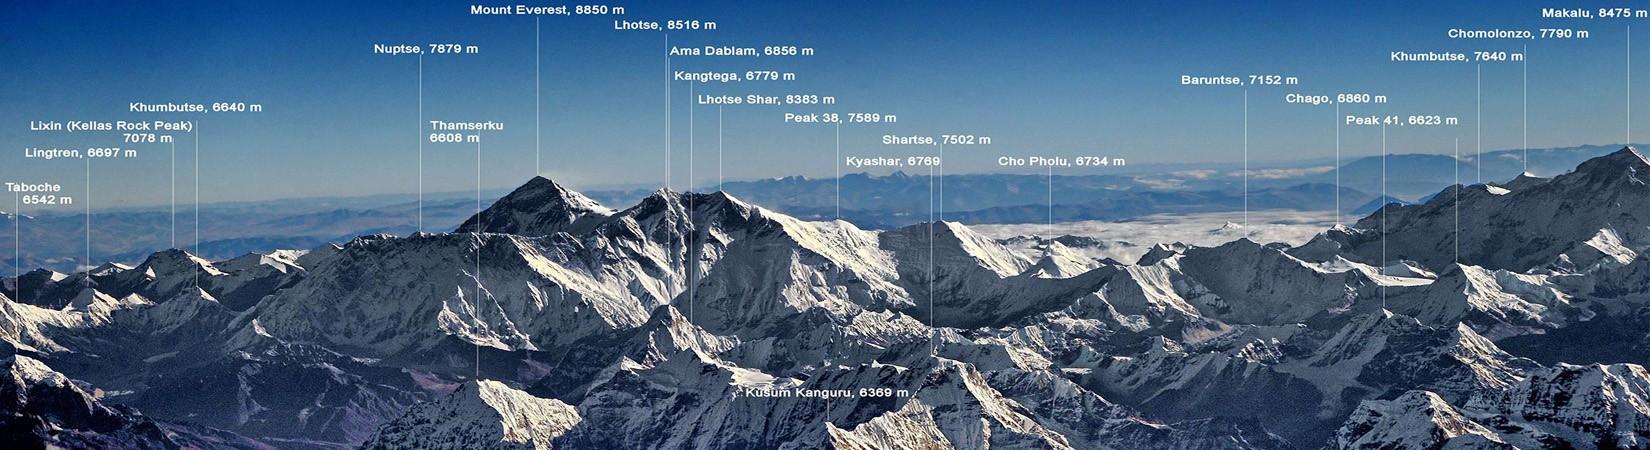 Survol de la Chaîne Himalayenne